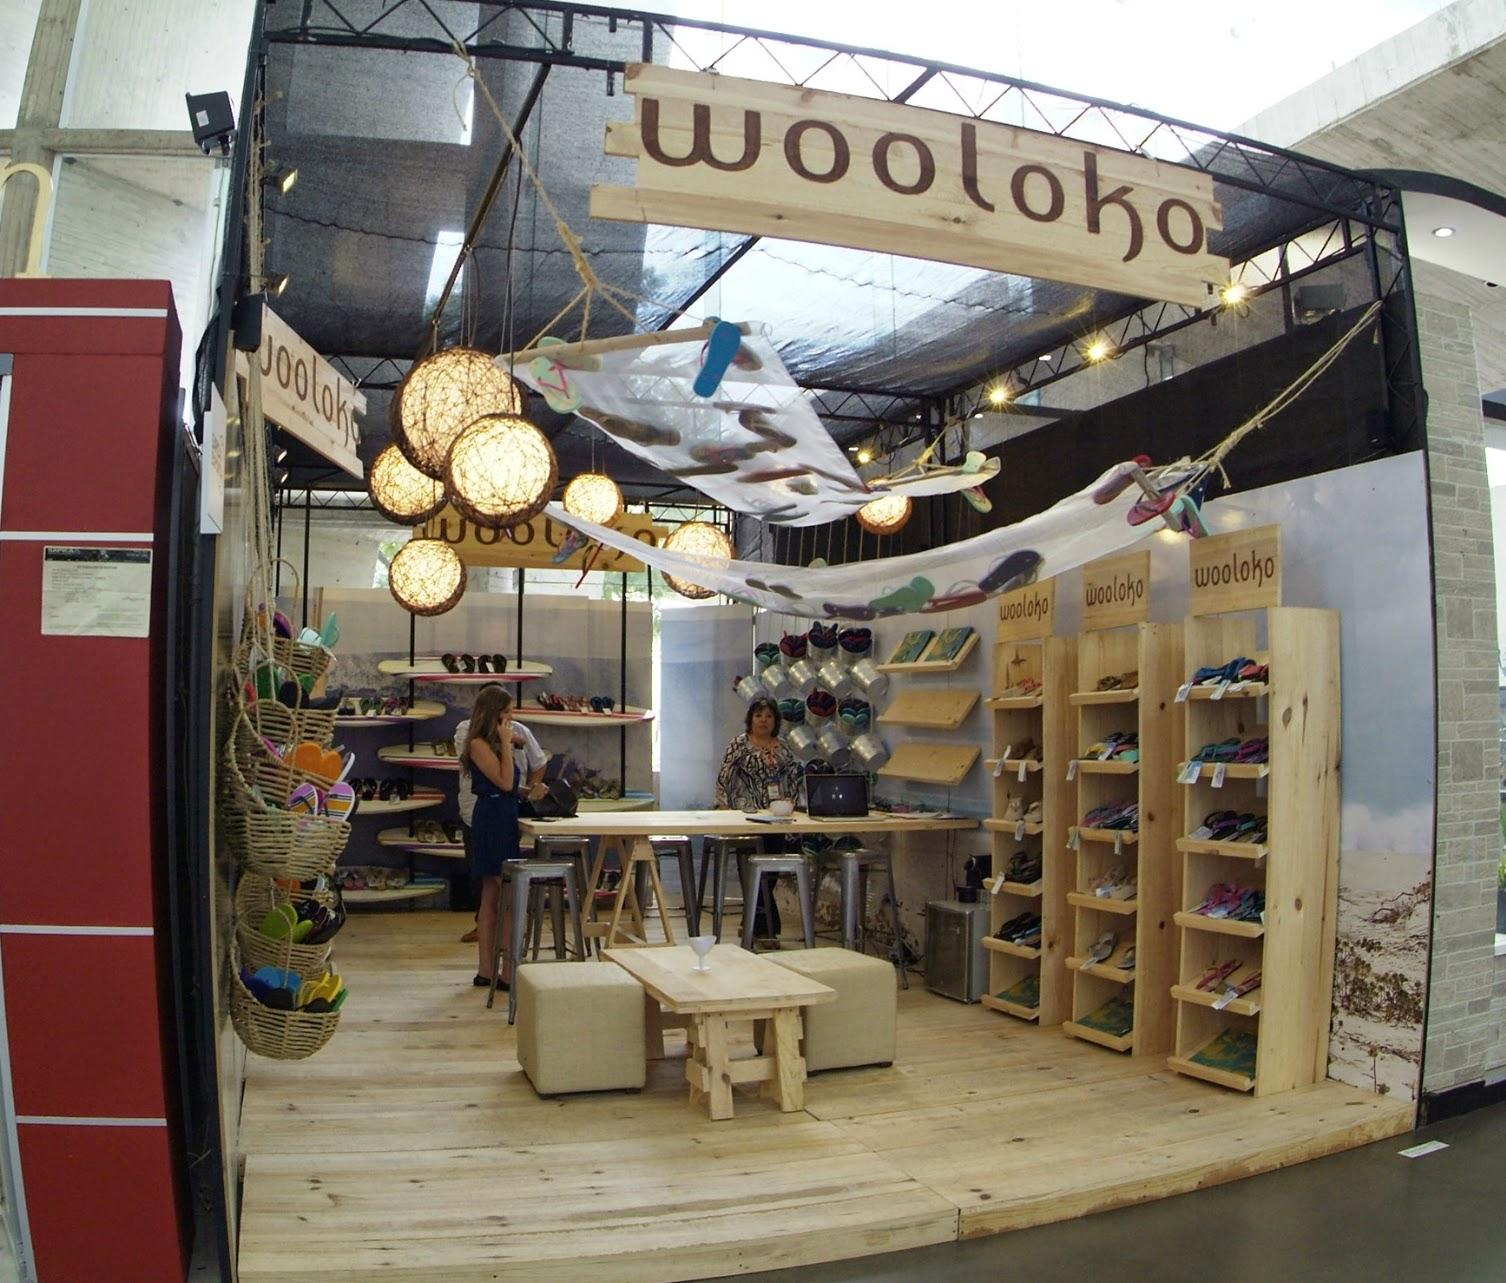 sapica agosto 2014, poliforum, exposición de calzado y artículos de piel, woloko